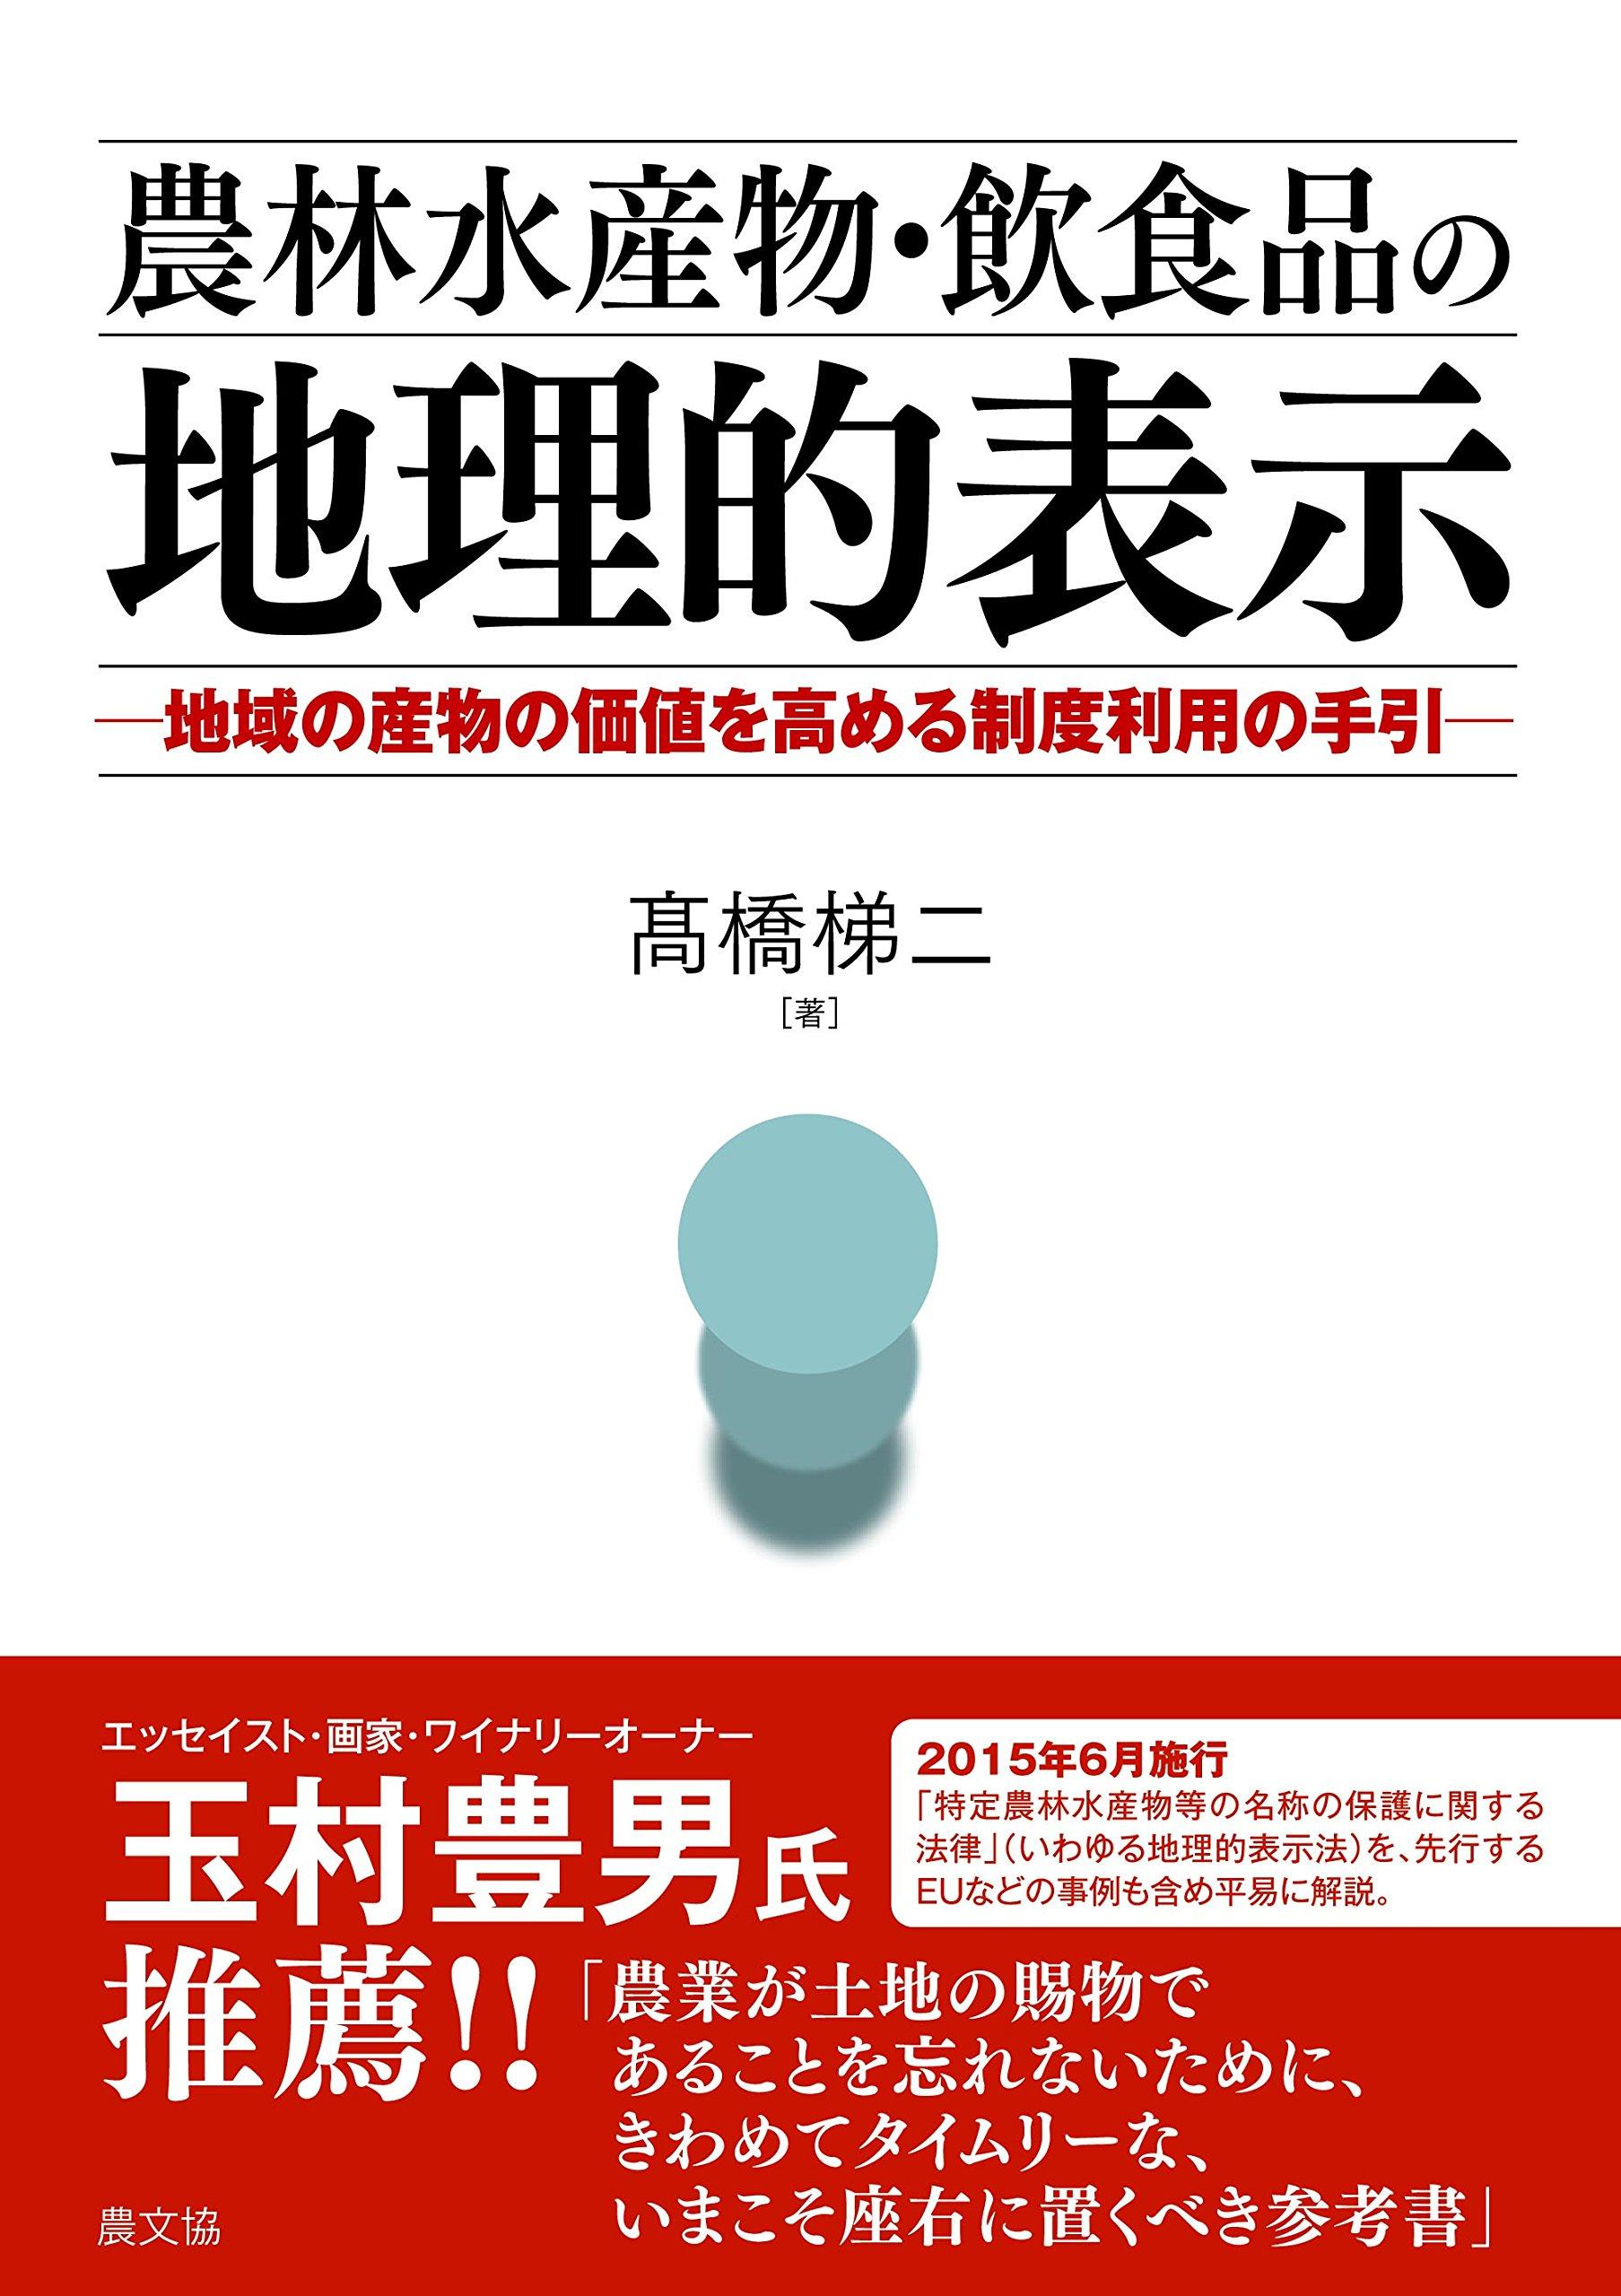 Read Online Norin suisanbutsu inshokuhin no chiriteki hyoji : Chiki no sanbutsu no kachi o takameru seido riyo no tebiki. PDF